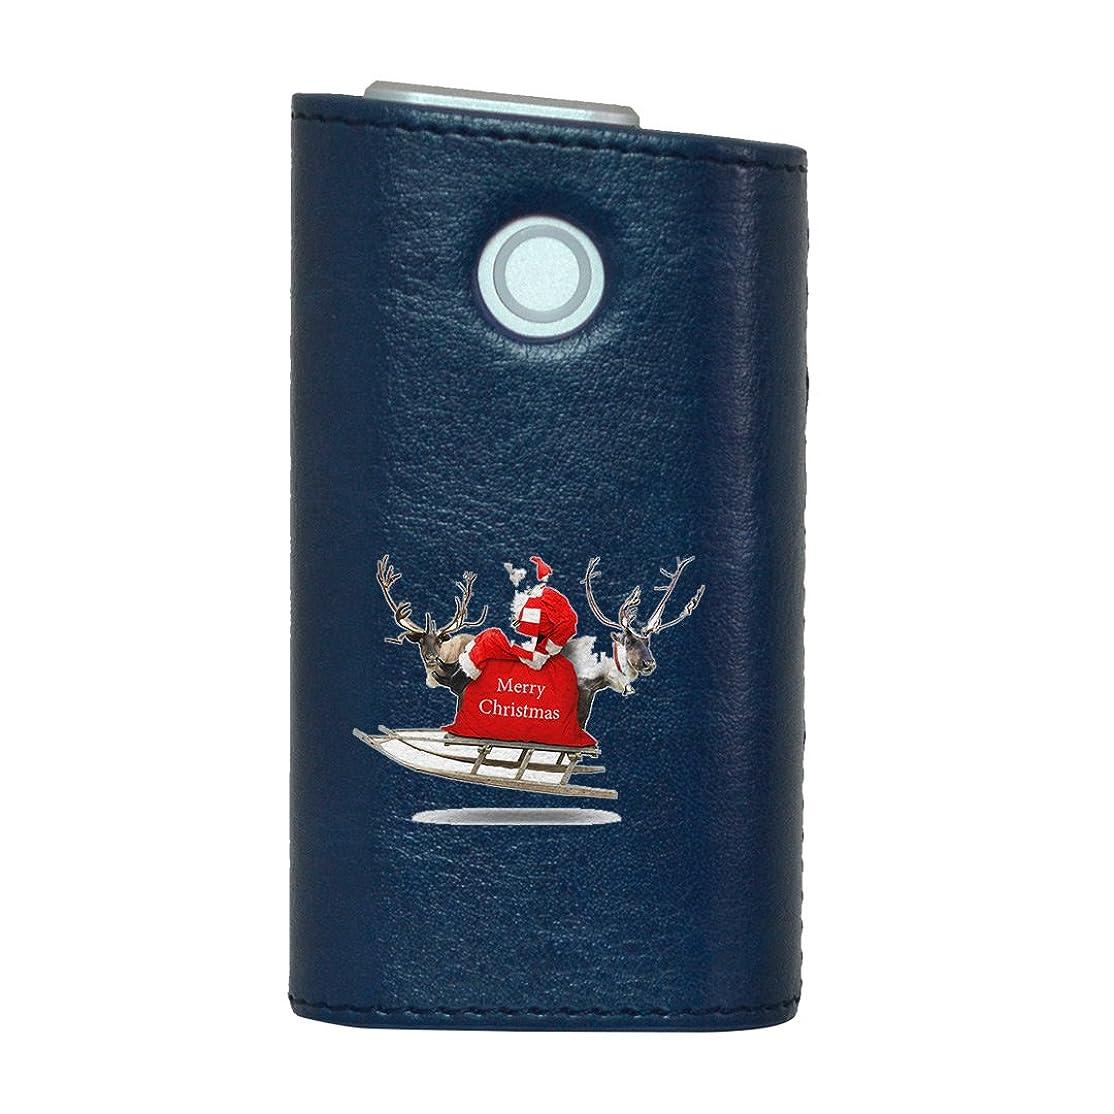 公演芽器用glo グロー グロウ 専用 レザーケース レザーカバー タバコ ケース カバー 合皮 ハードケース カバー 収納 デザイン 革 皮 BLUE ブルー クリスマス サンタ 写真 009971